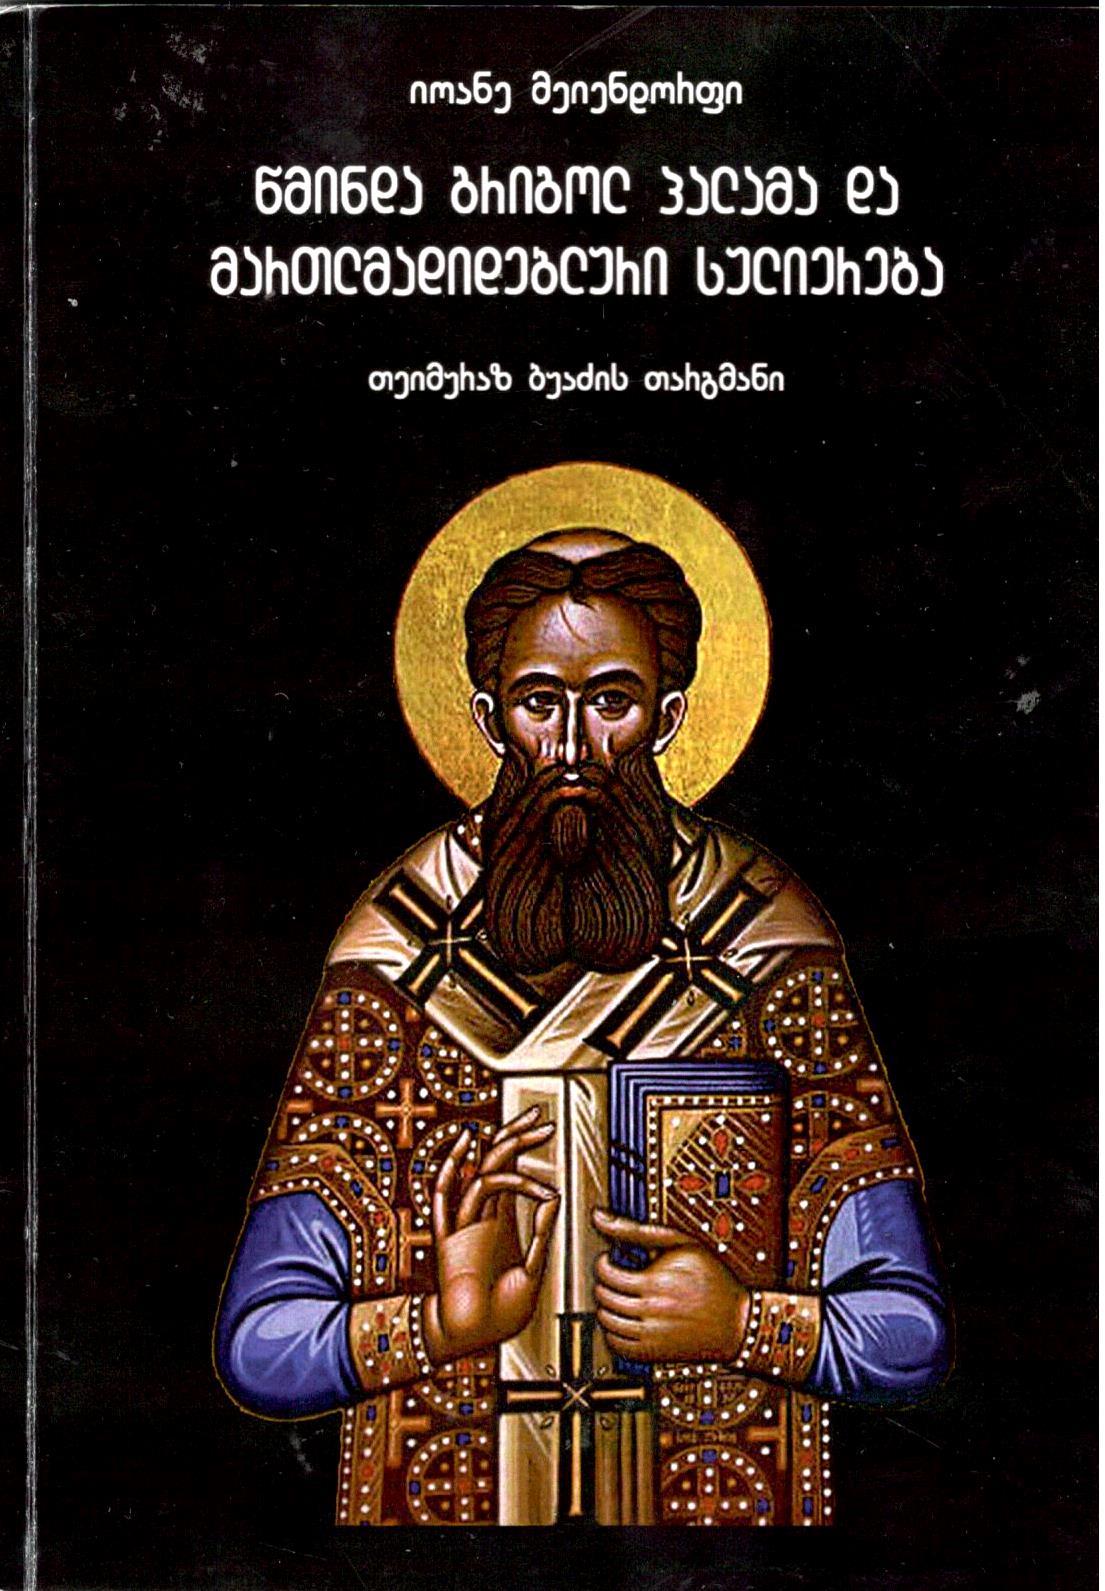 იოანე მეიენდორფი- წმინდა გრიგოლ პალამა და მართლმადიდებლური სულიერება.